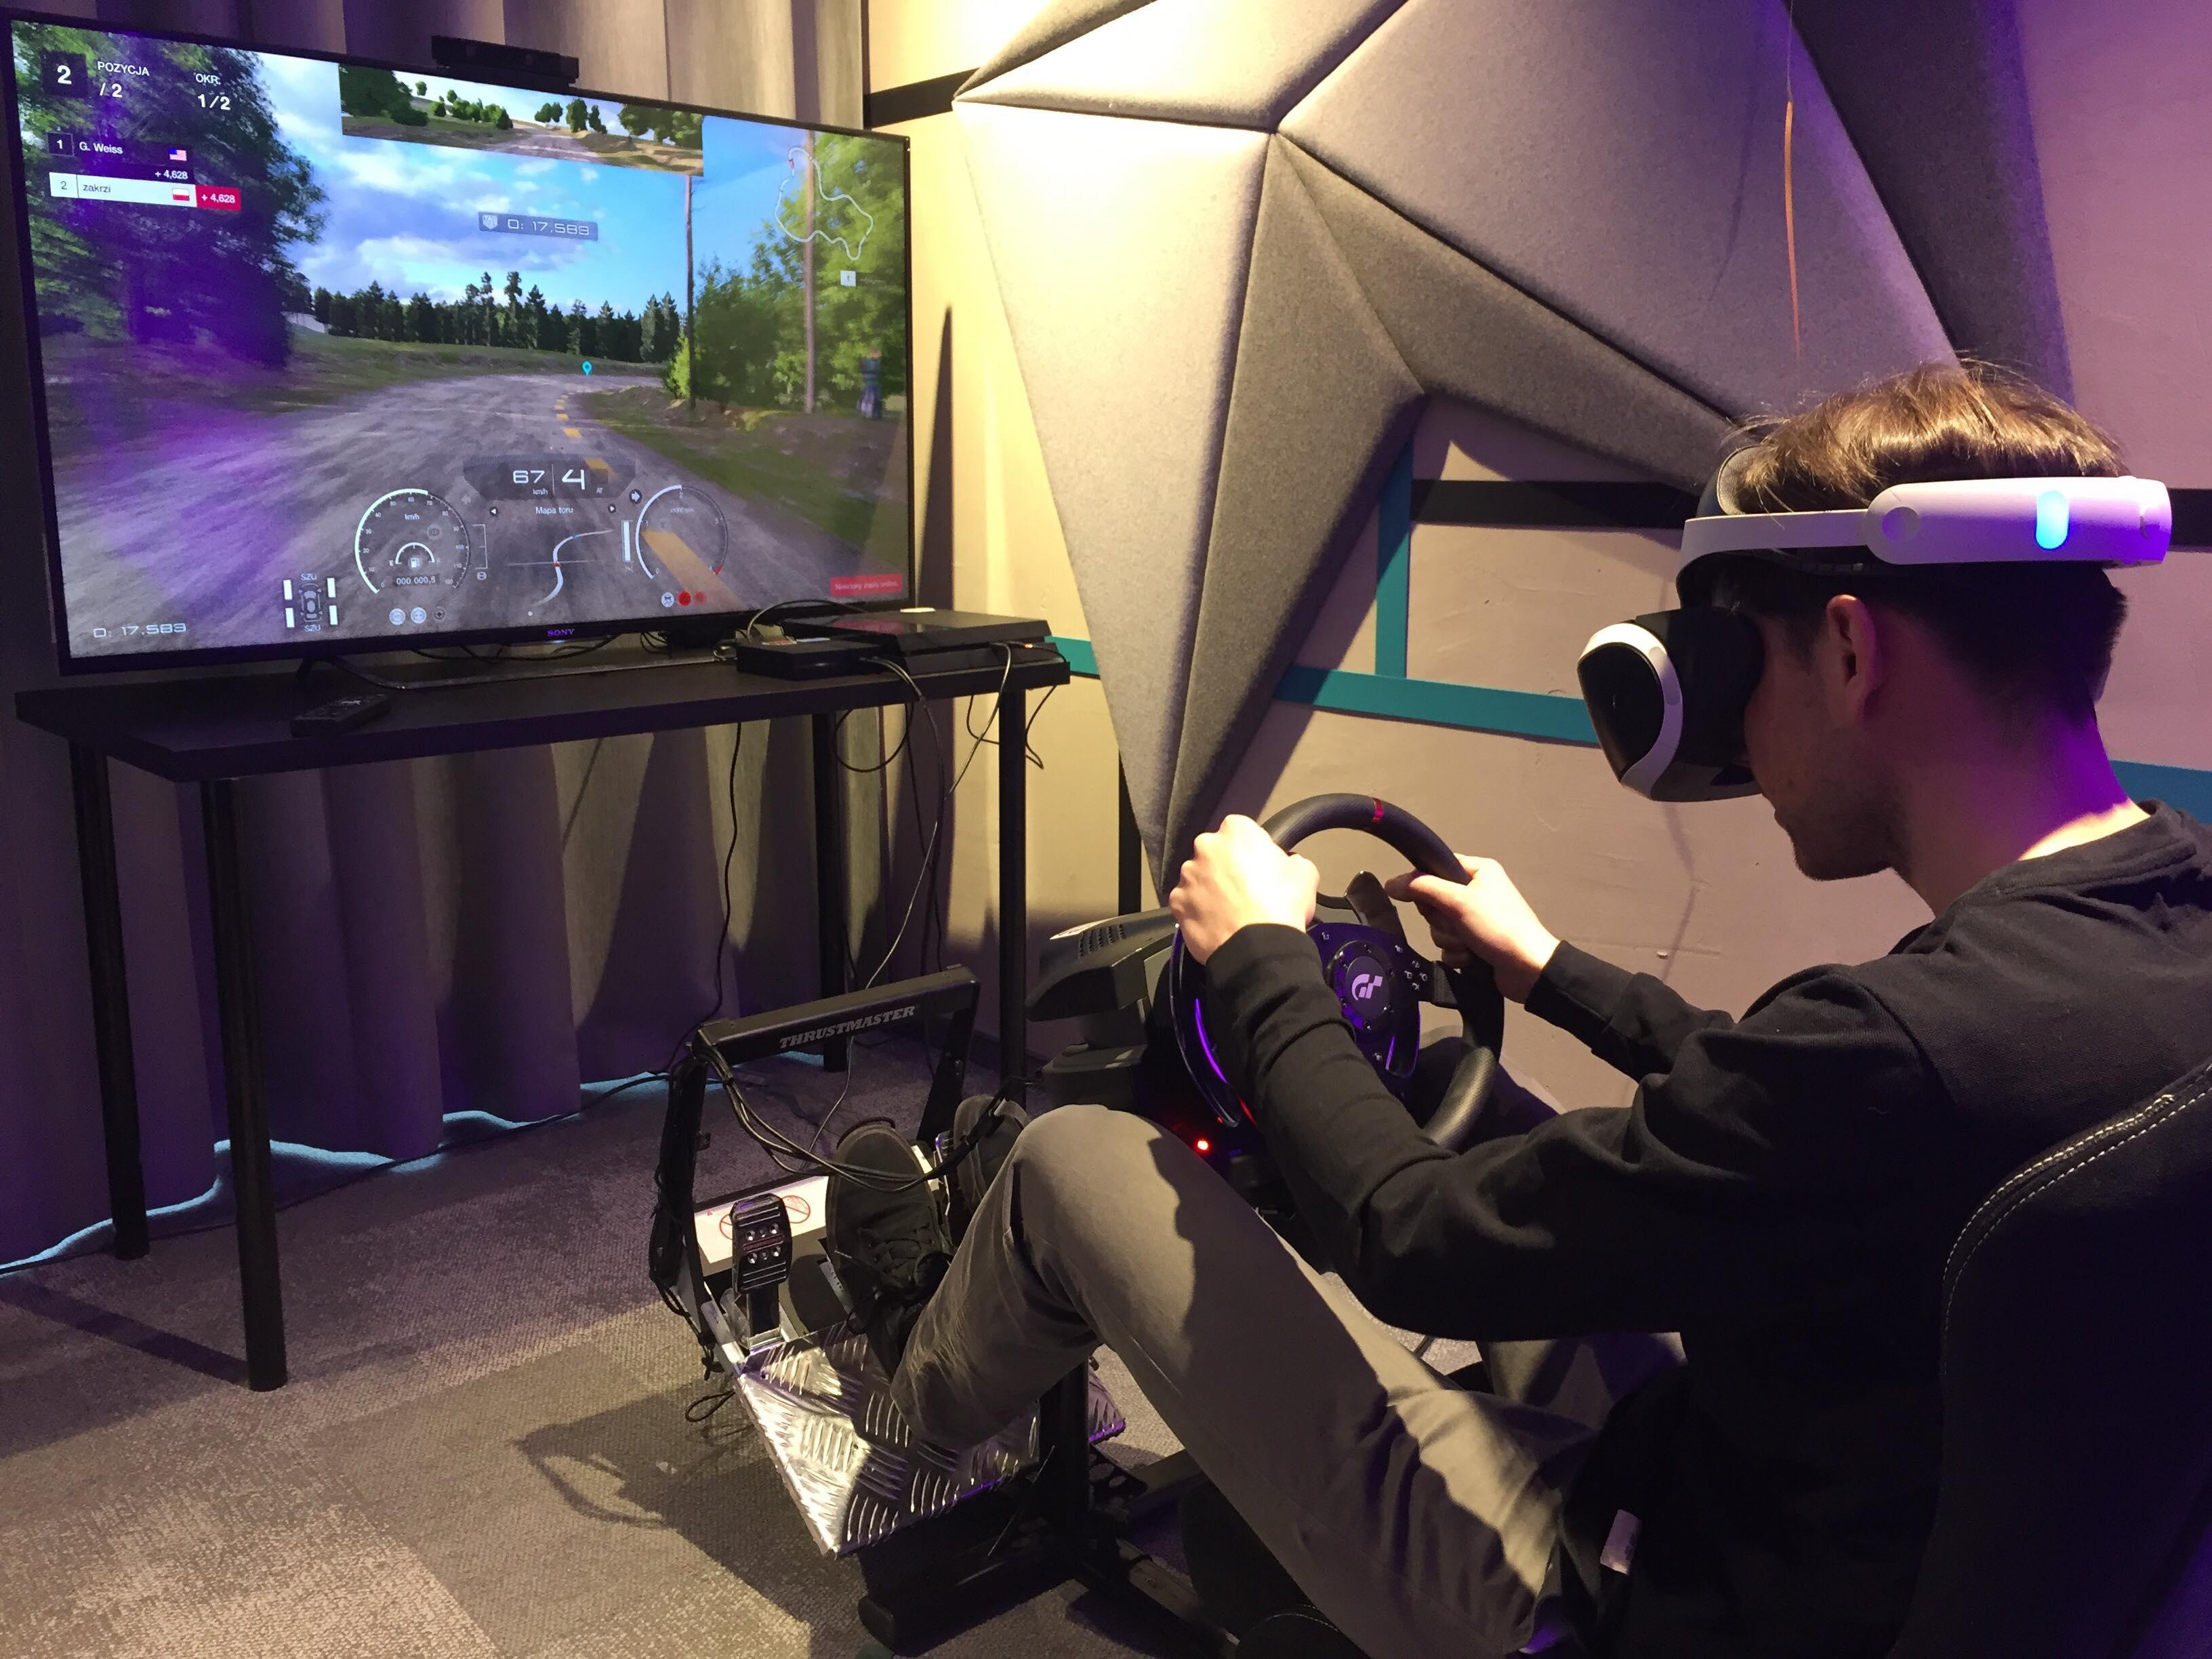 Symulator wyścigów do wynajęcia